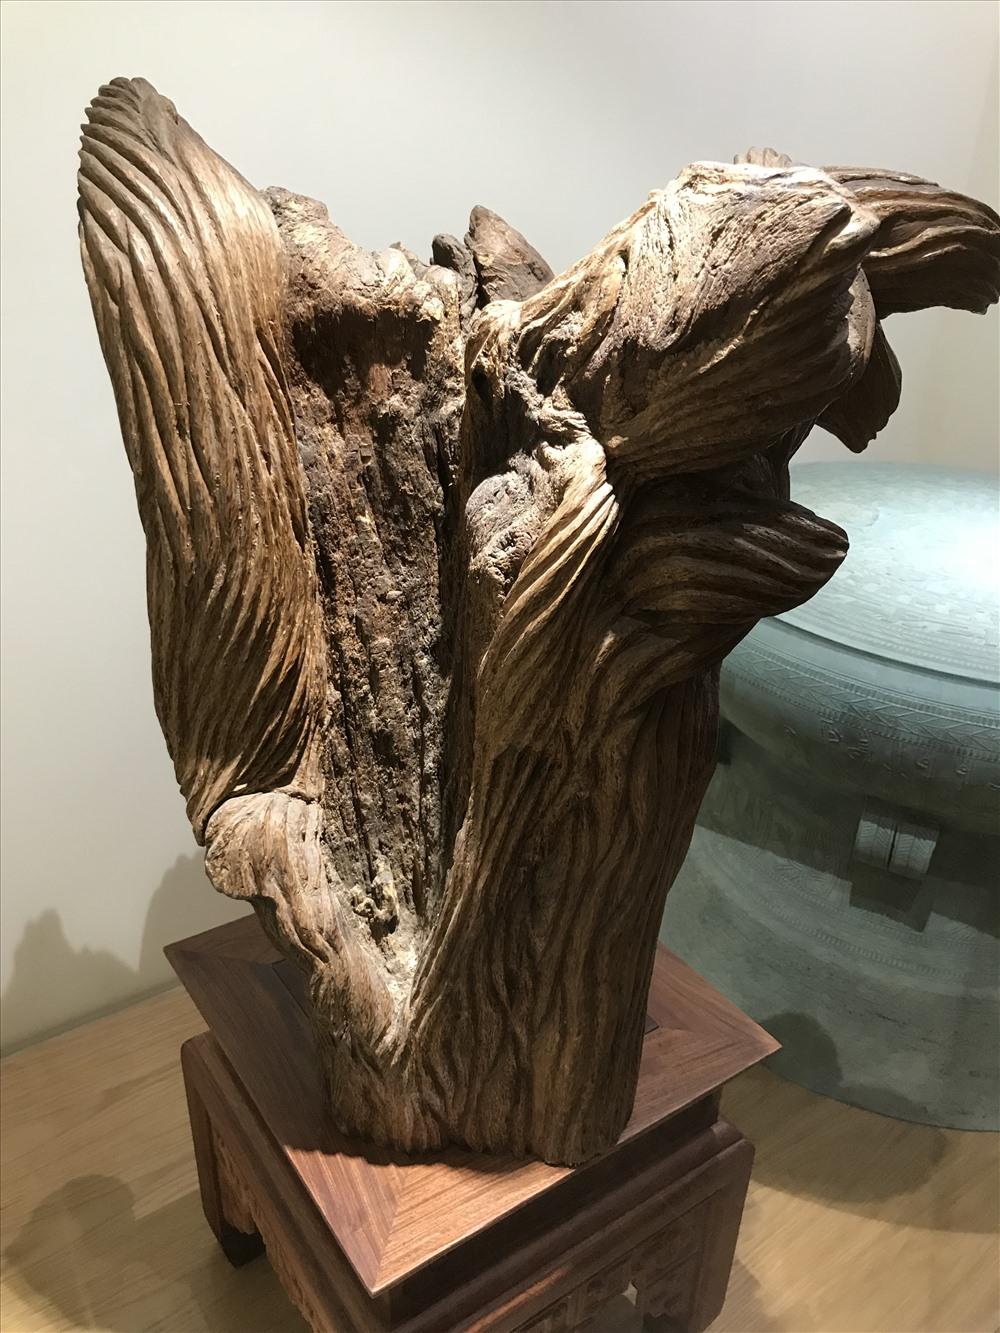 Những khối trầm và kỳ tự nhiên ở Bảo tàng trầm hương Khánh Hòa